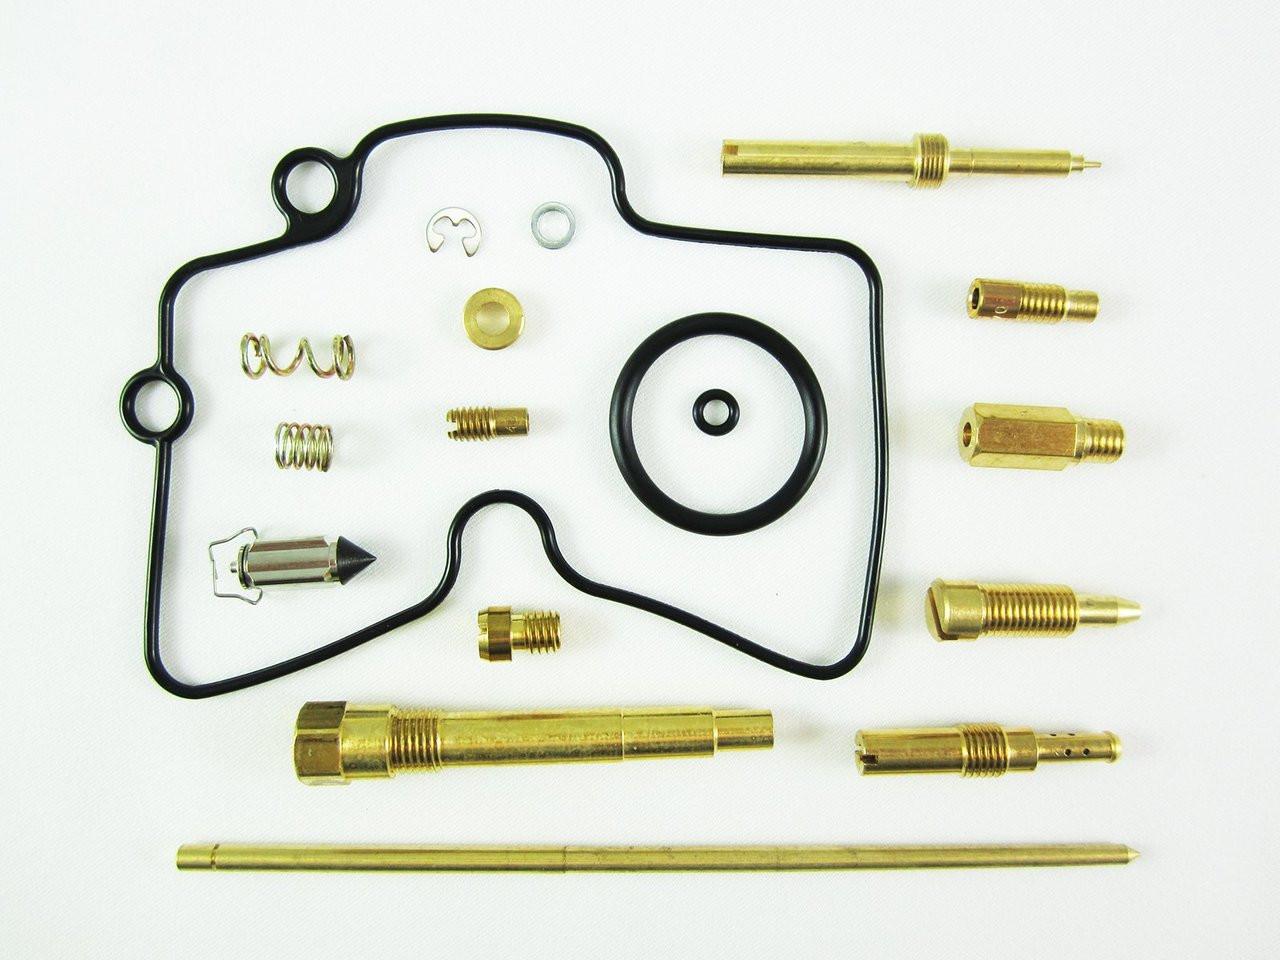 Yamaha Xs400 Carb Rebuild Circuit Diagram Maker